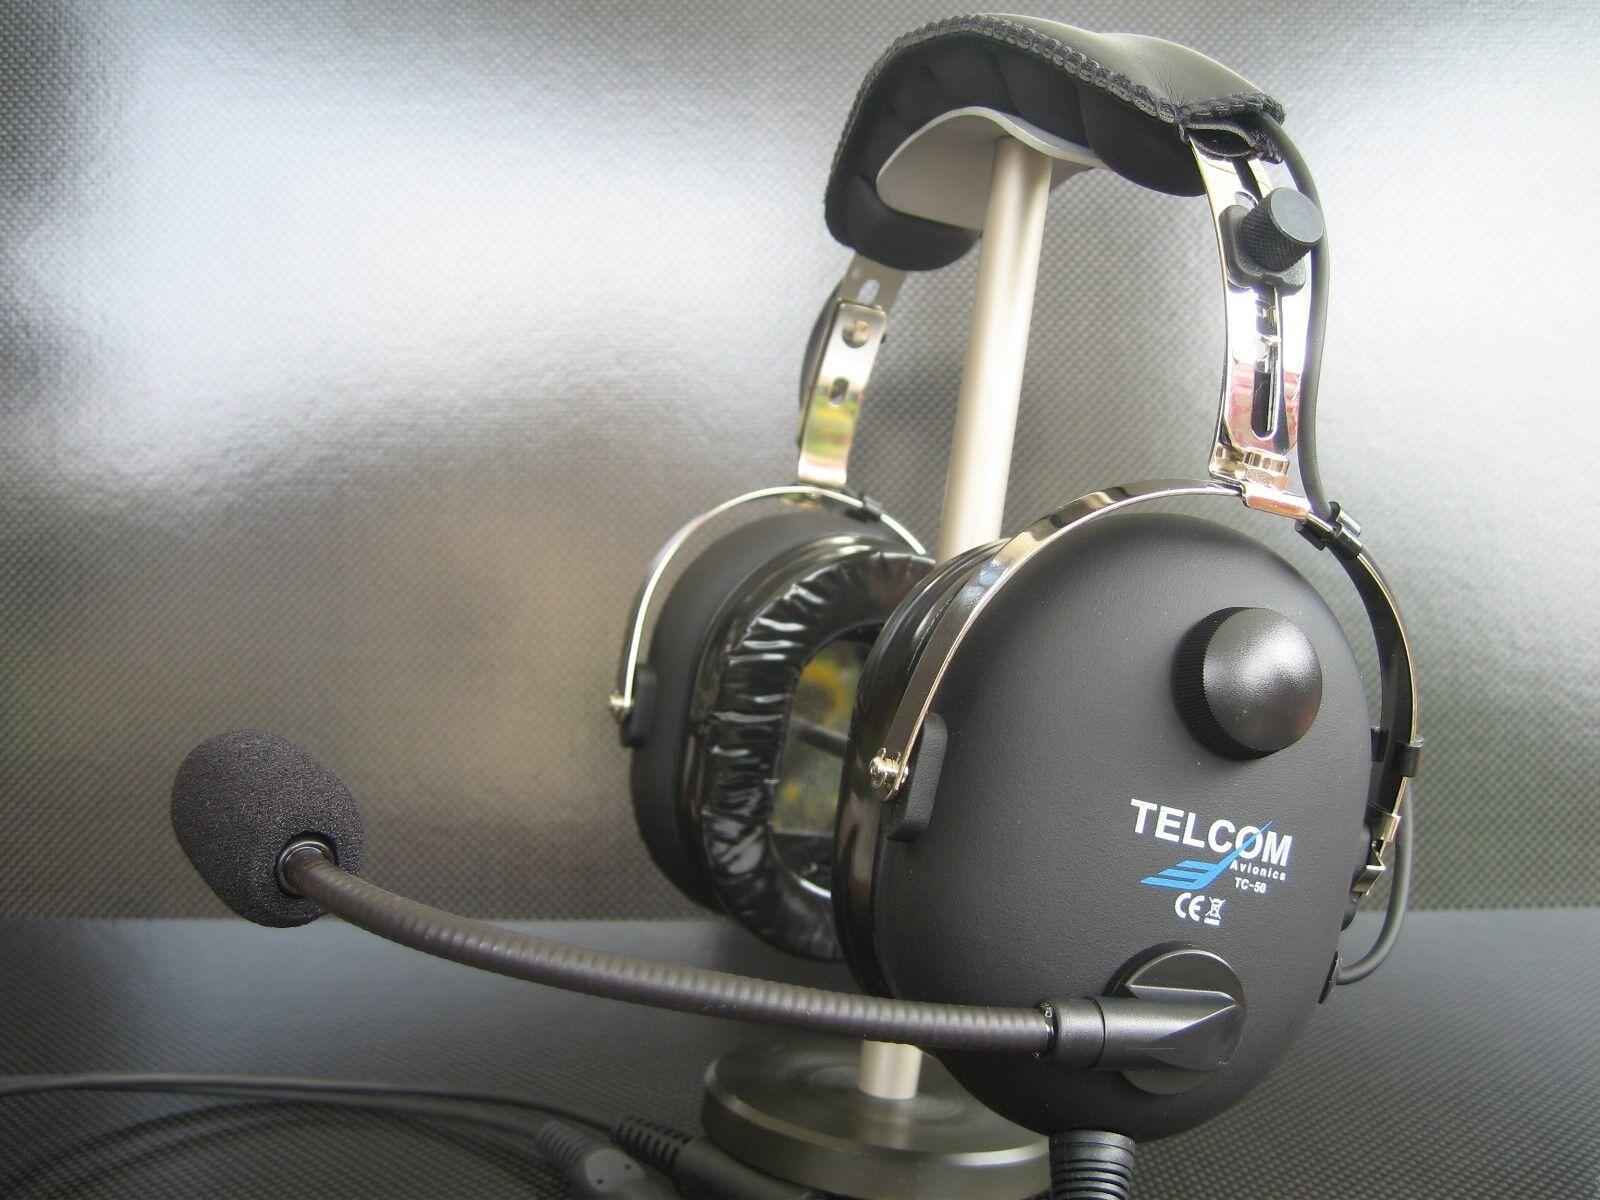 TELCOM TC-50 Headset Kopfhörer für für für die Luftfahrt -31dB Dämpfung Modell 2019 4c765e